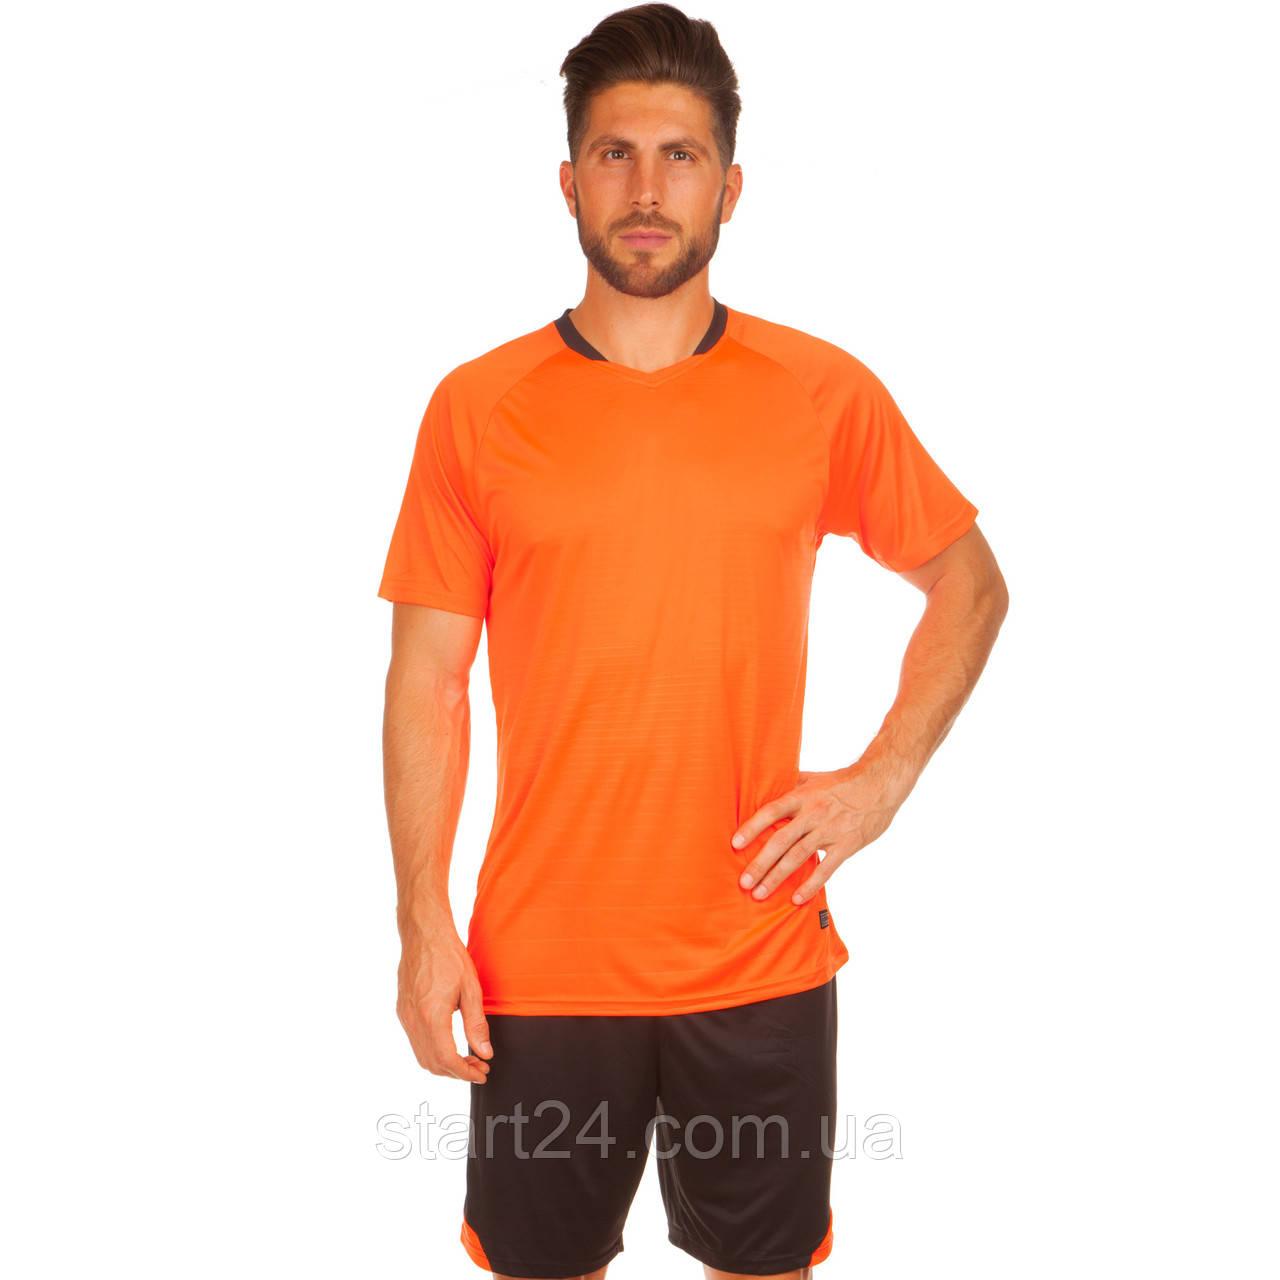 Футбольная форма LD-5022-6 (PL, р-р M-3XL, рост 155-185, оранжевый-черный)